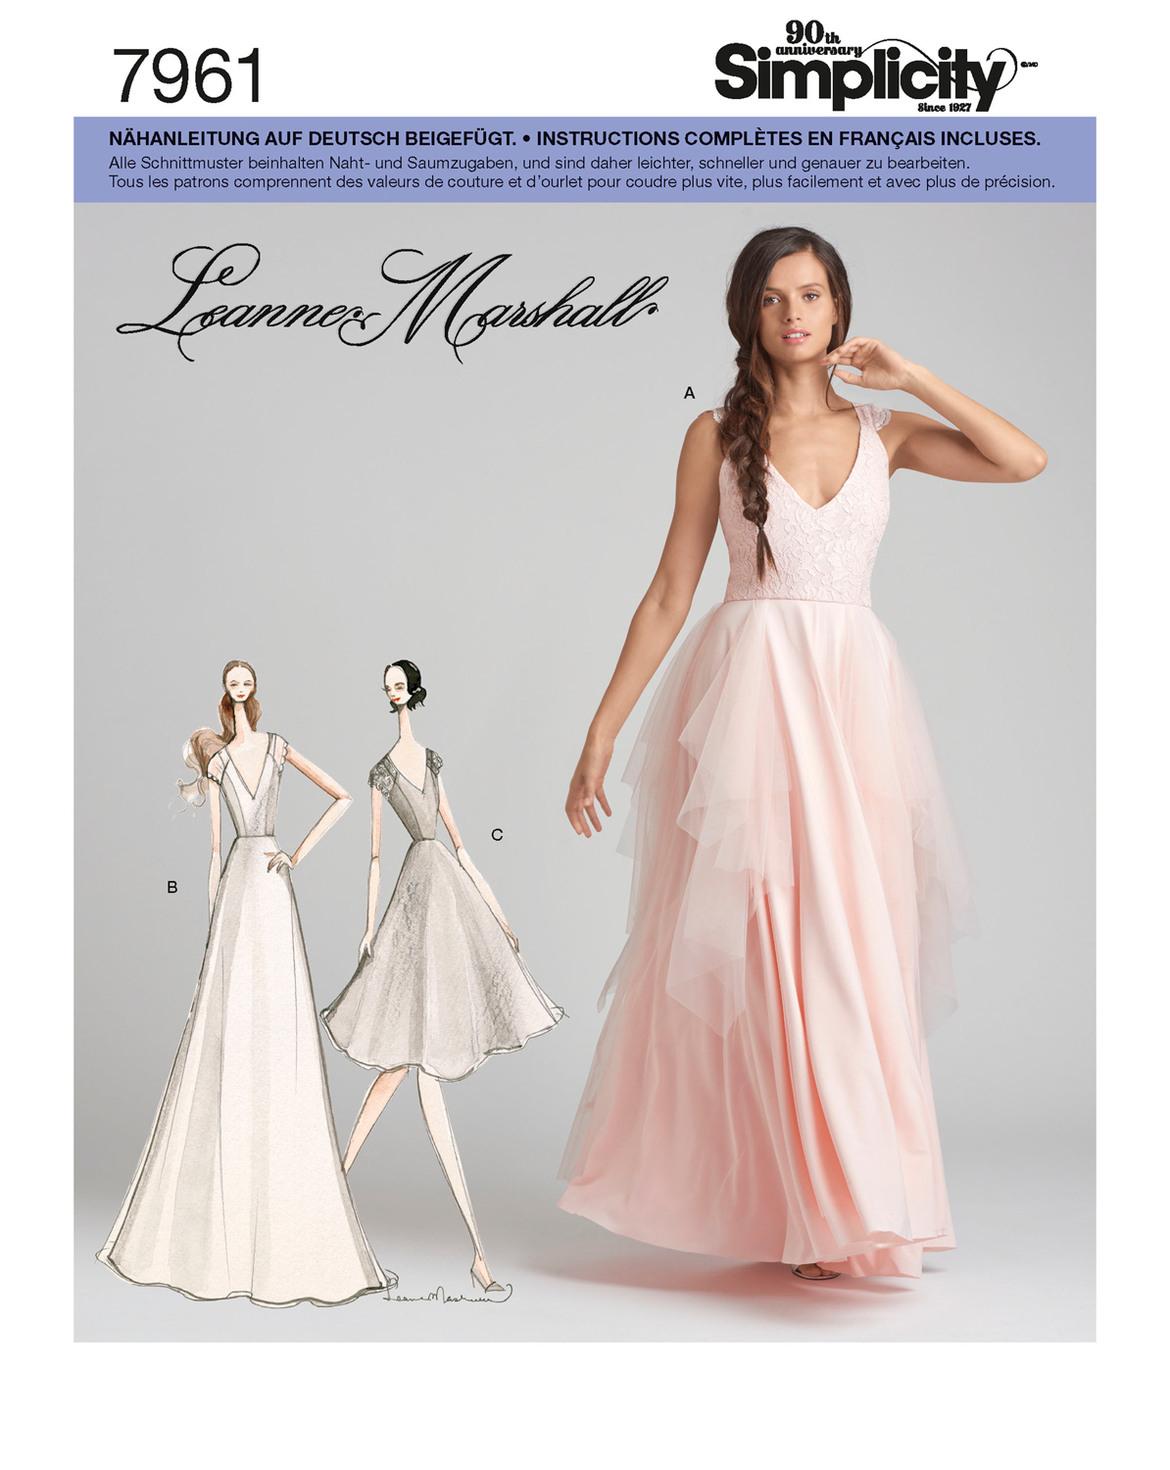 Formal Wunderbar Abendkleider Ungarn Galerie15 Fantastisch Abendkleider Ungarn Spezialgebiet